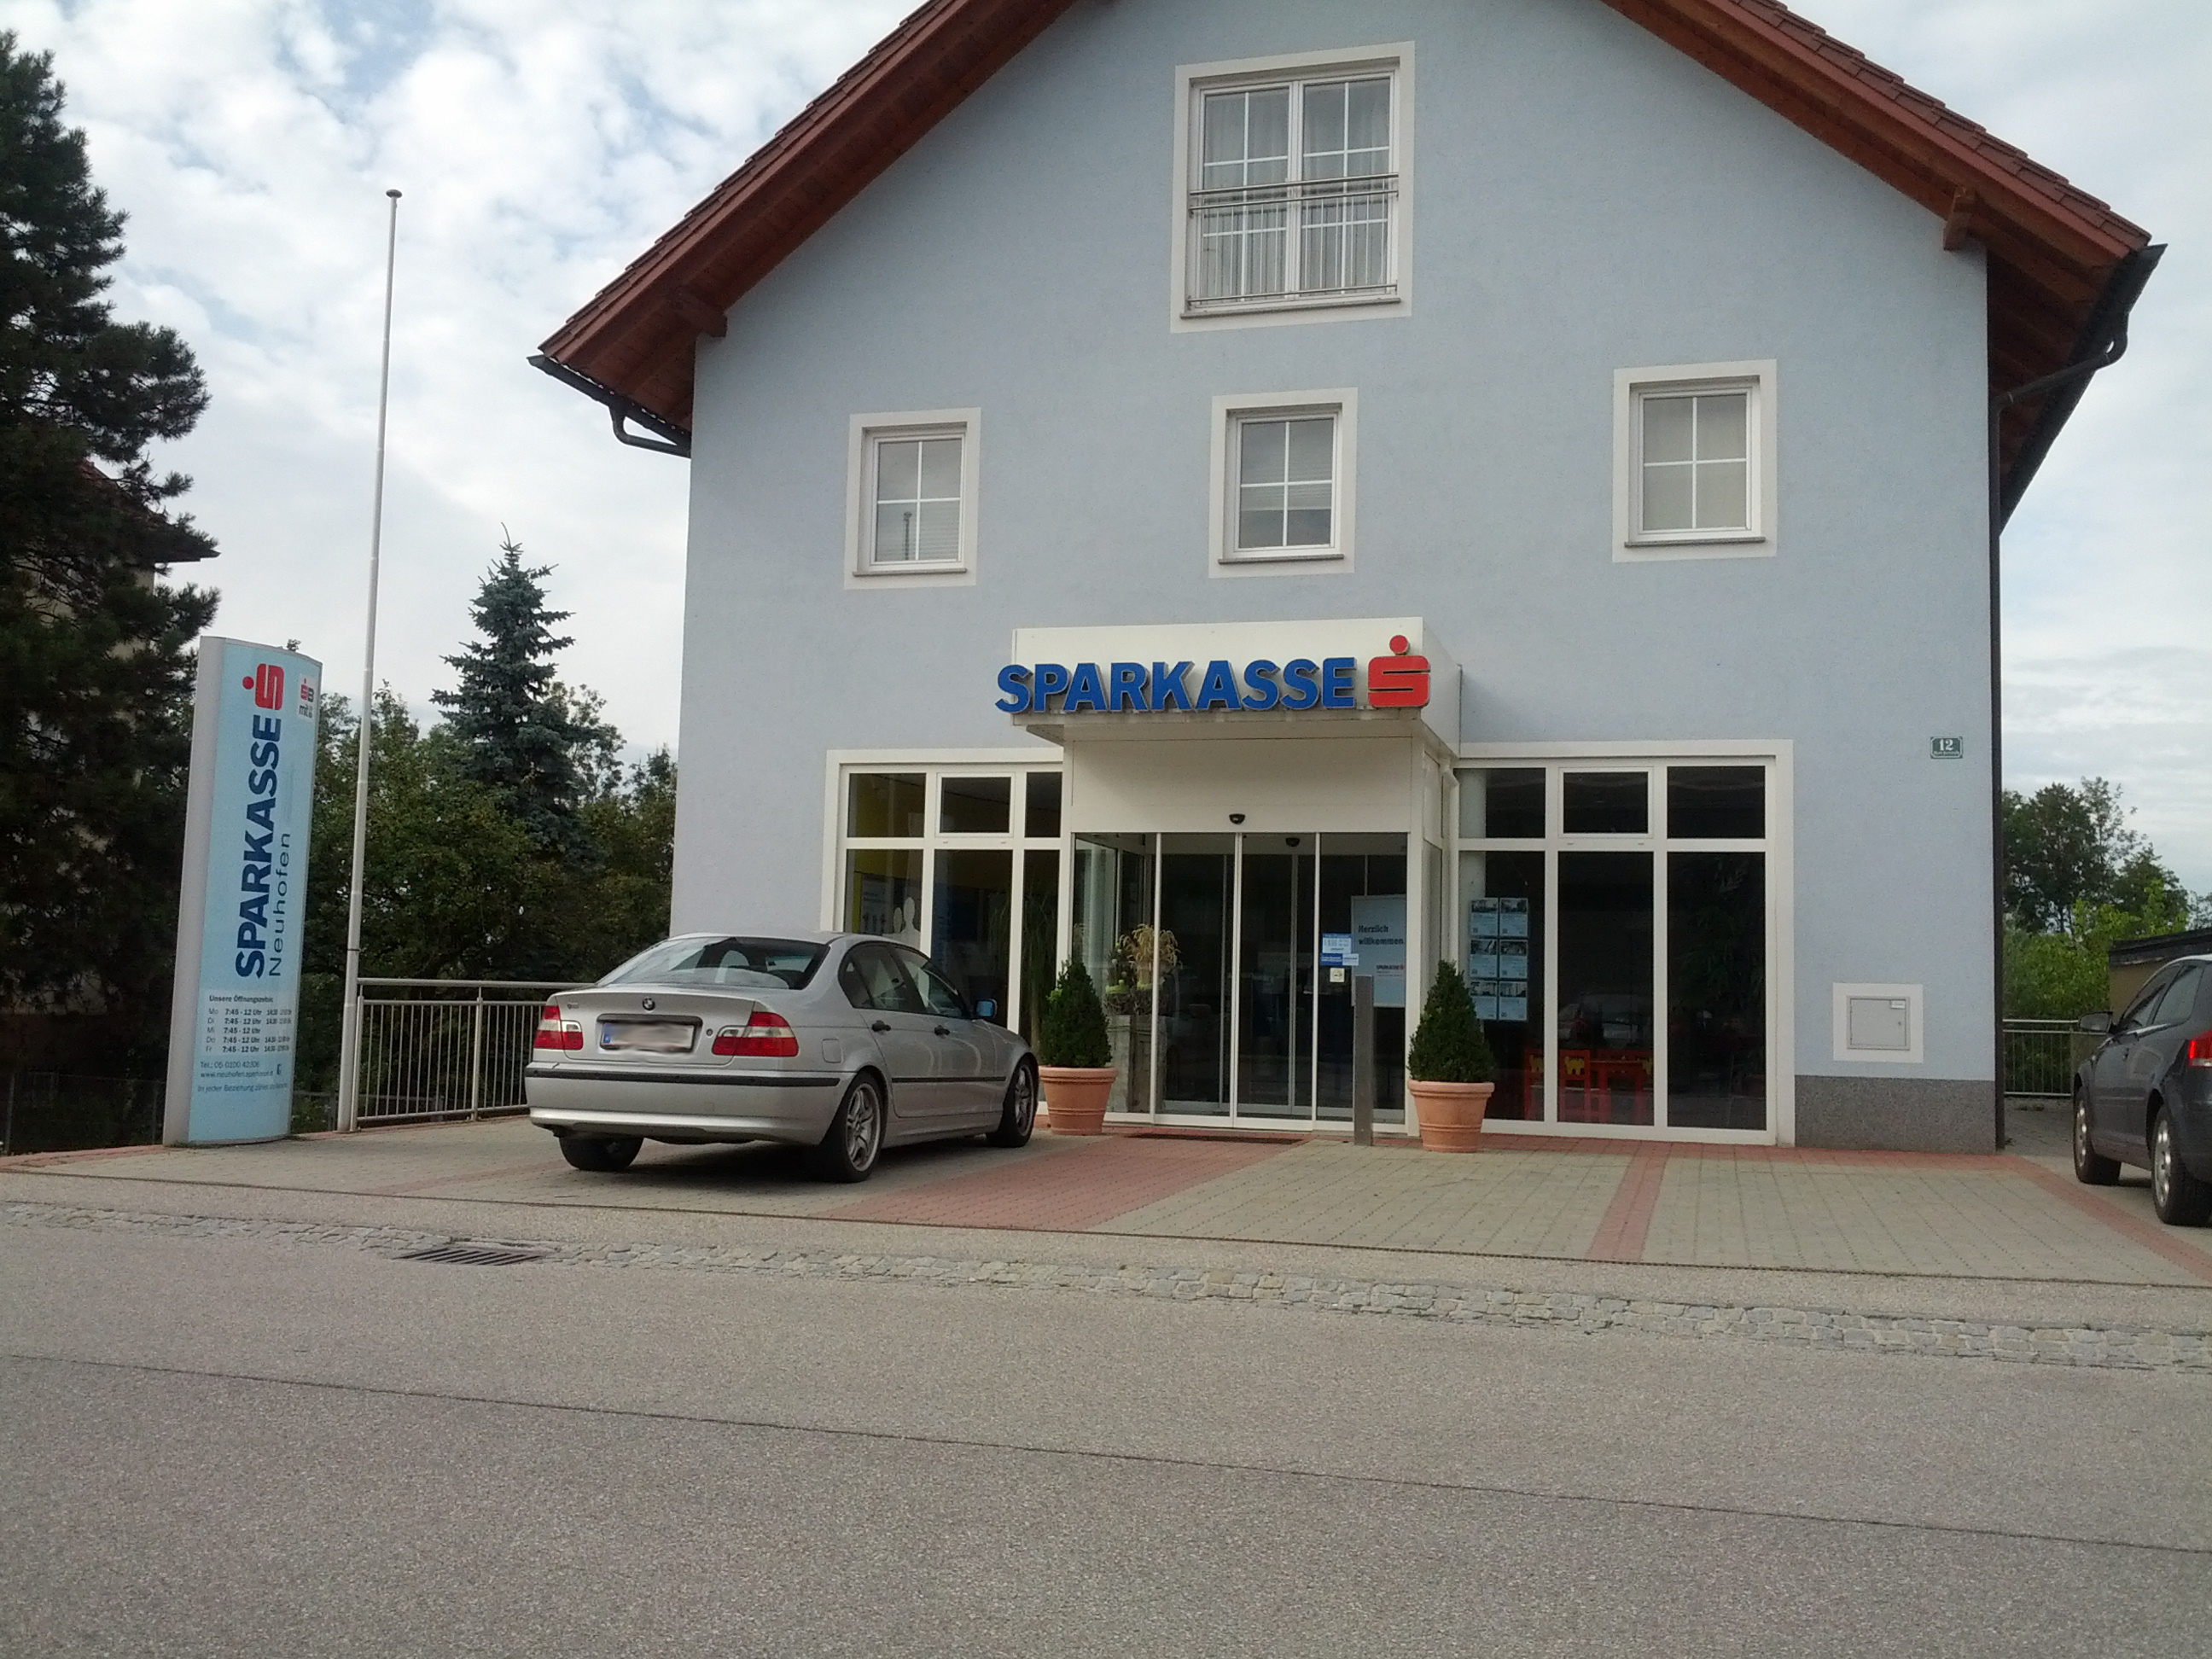 Sparkasse Neuhofen Bank AG Zws. Weißkirchen an der Traun